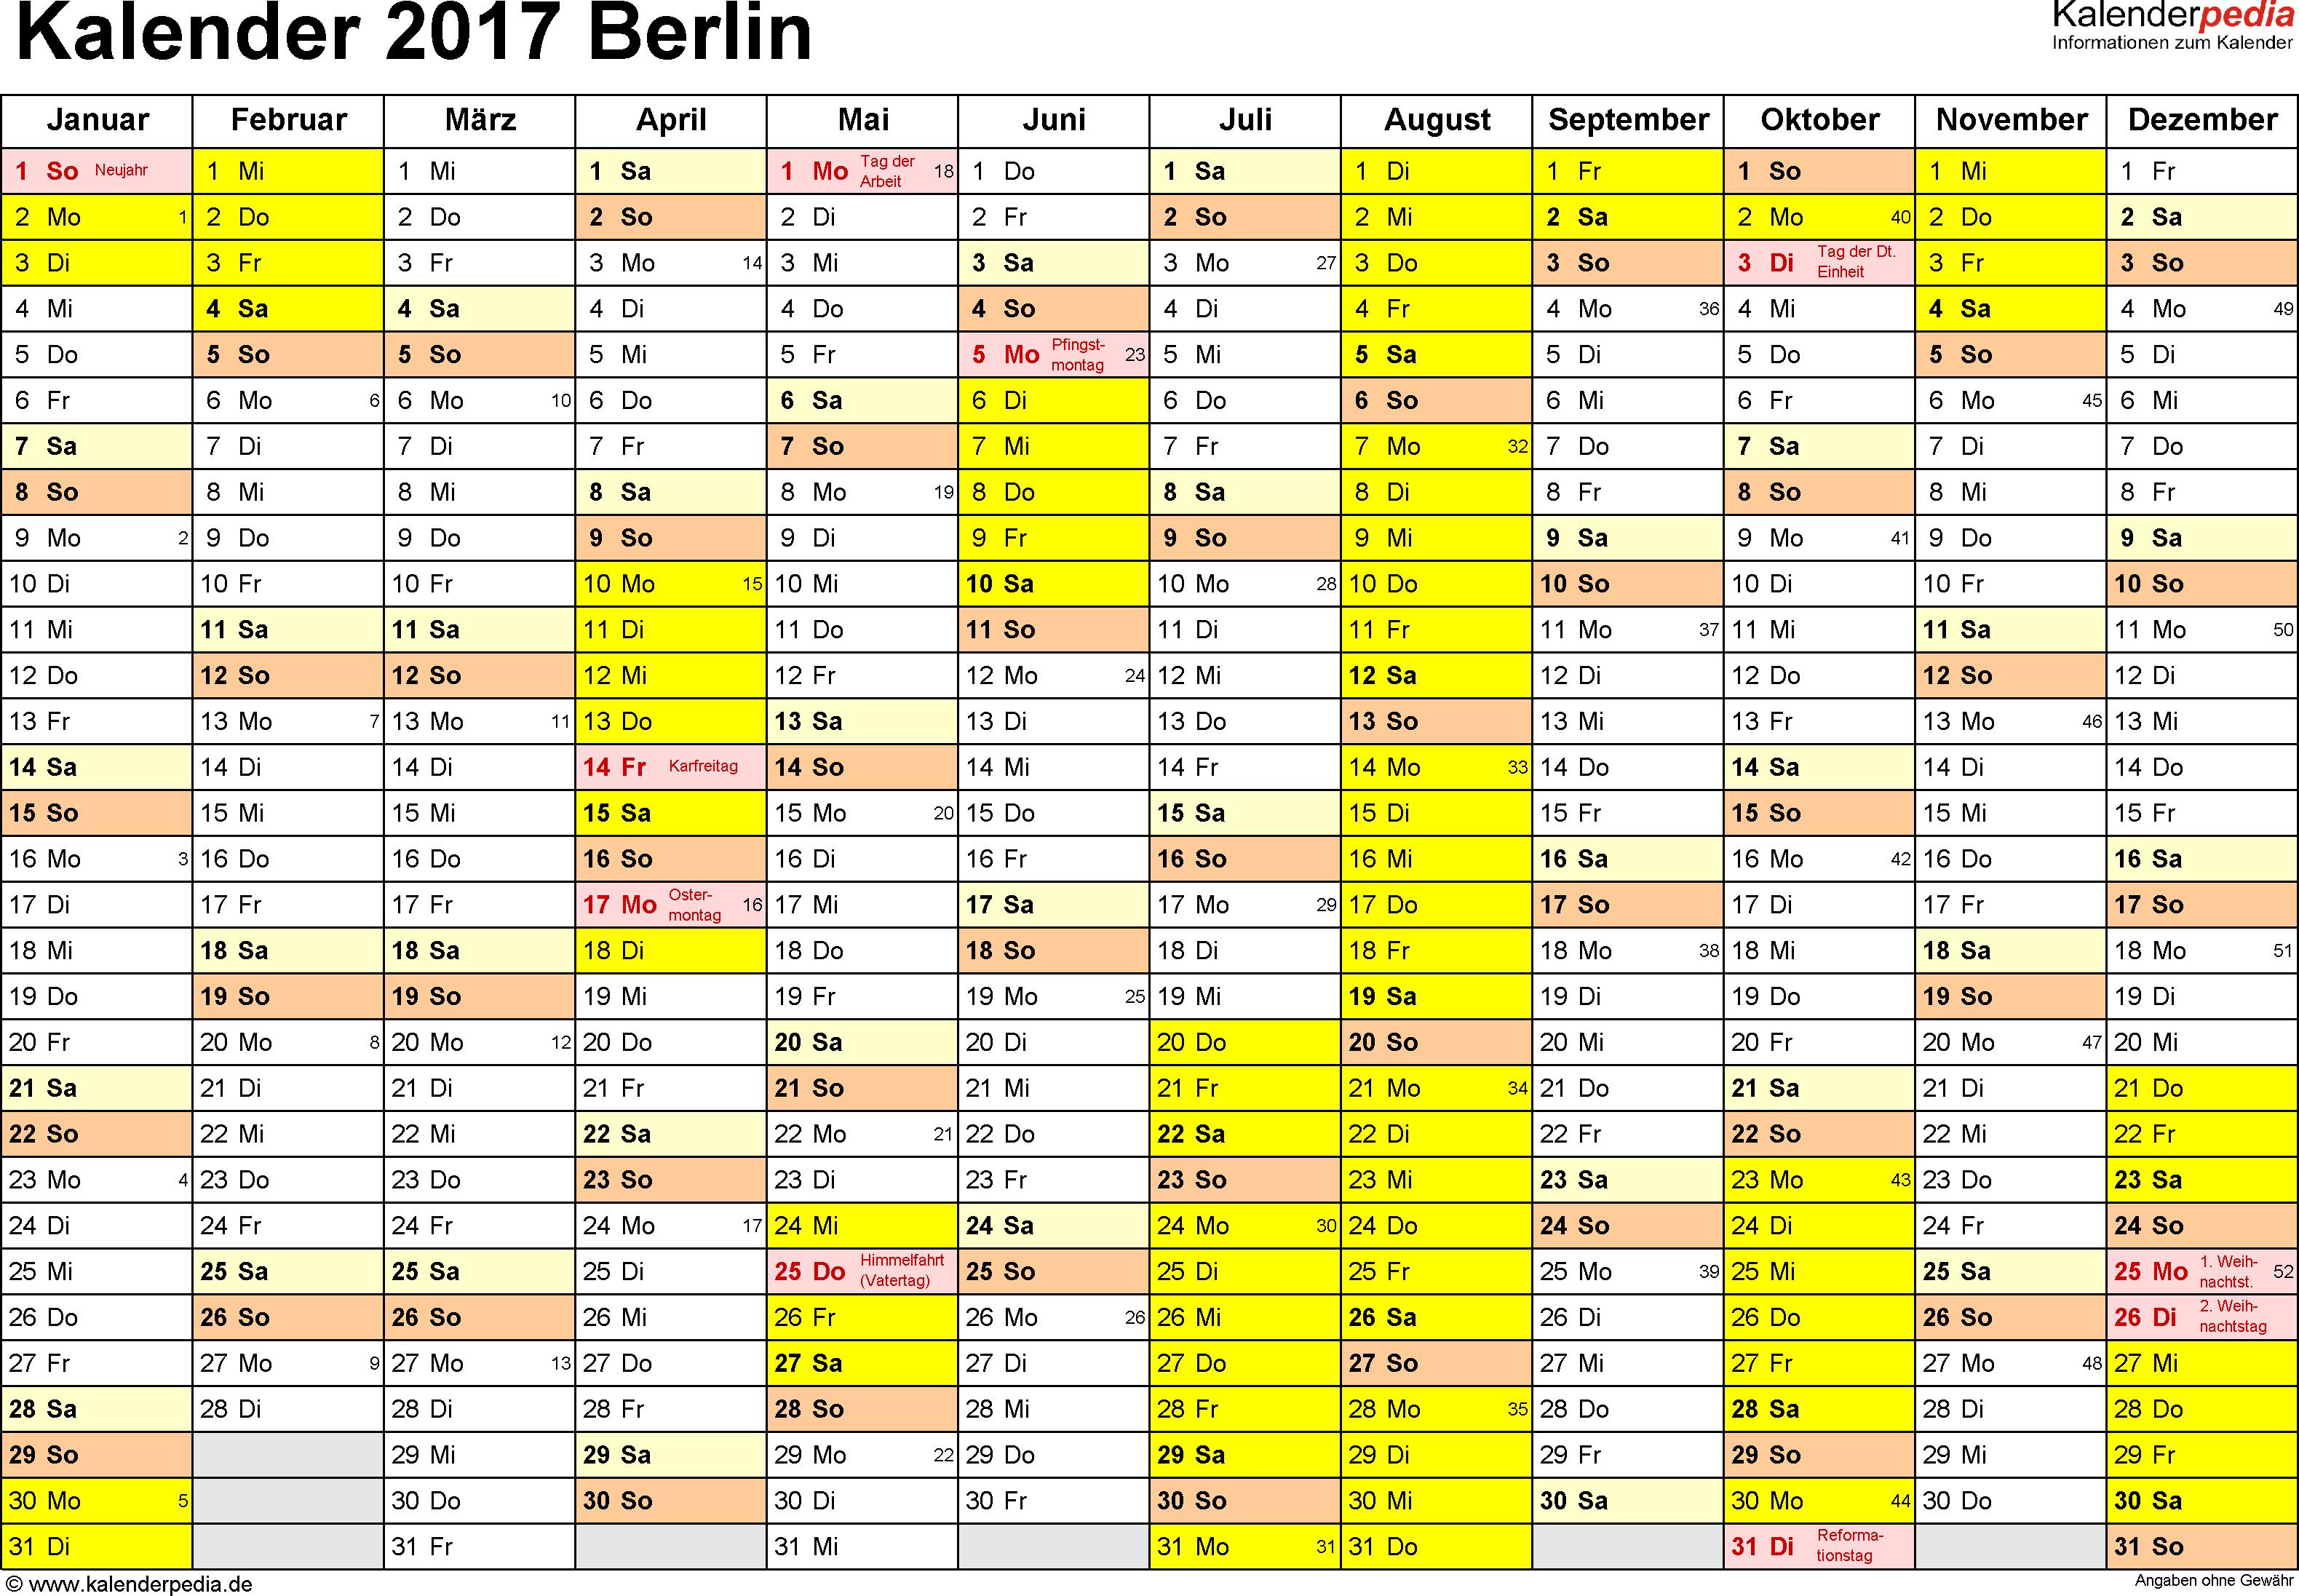 Vorlage 1: Kalender 2017 für Berlin als Word-Vorlage (Querformat, 1 Seite)